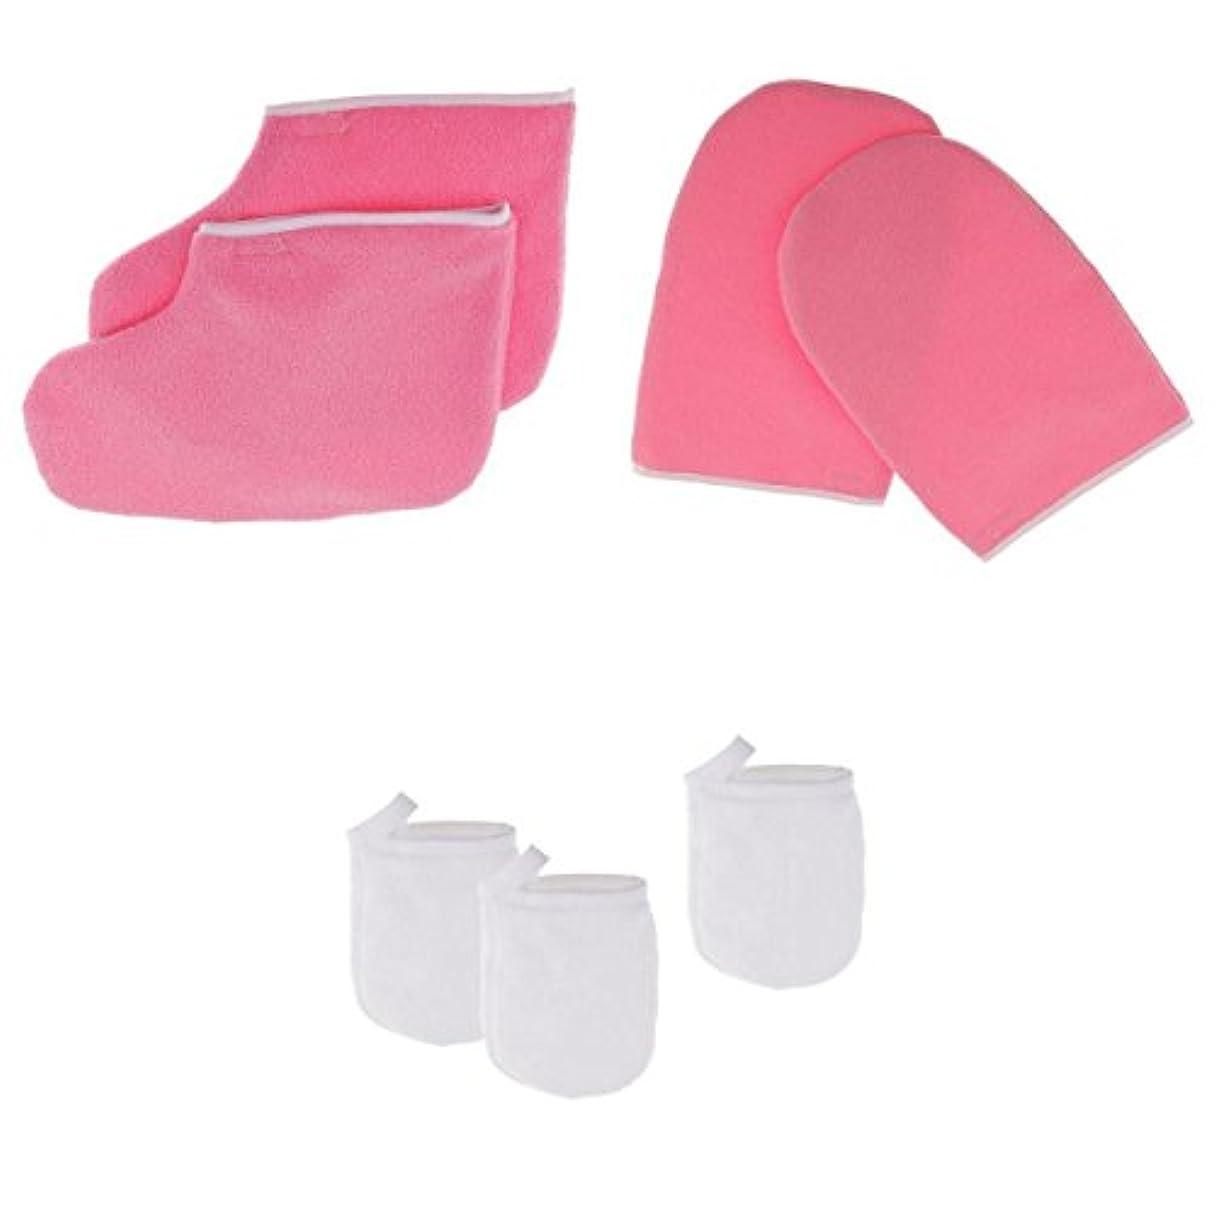 開拓者ファッション裏切るKesoto グローブ パラフィンワックス保護手袋 フェイシャルクレンジンググローブ クレンジンググローブ メイクリムーバー パッド パラフィンワックス手袋